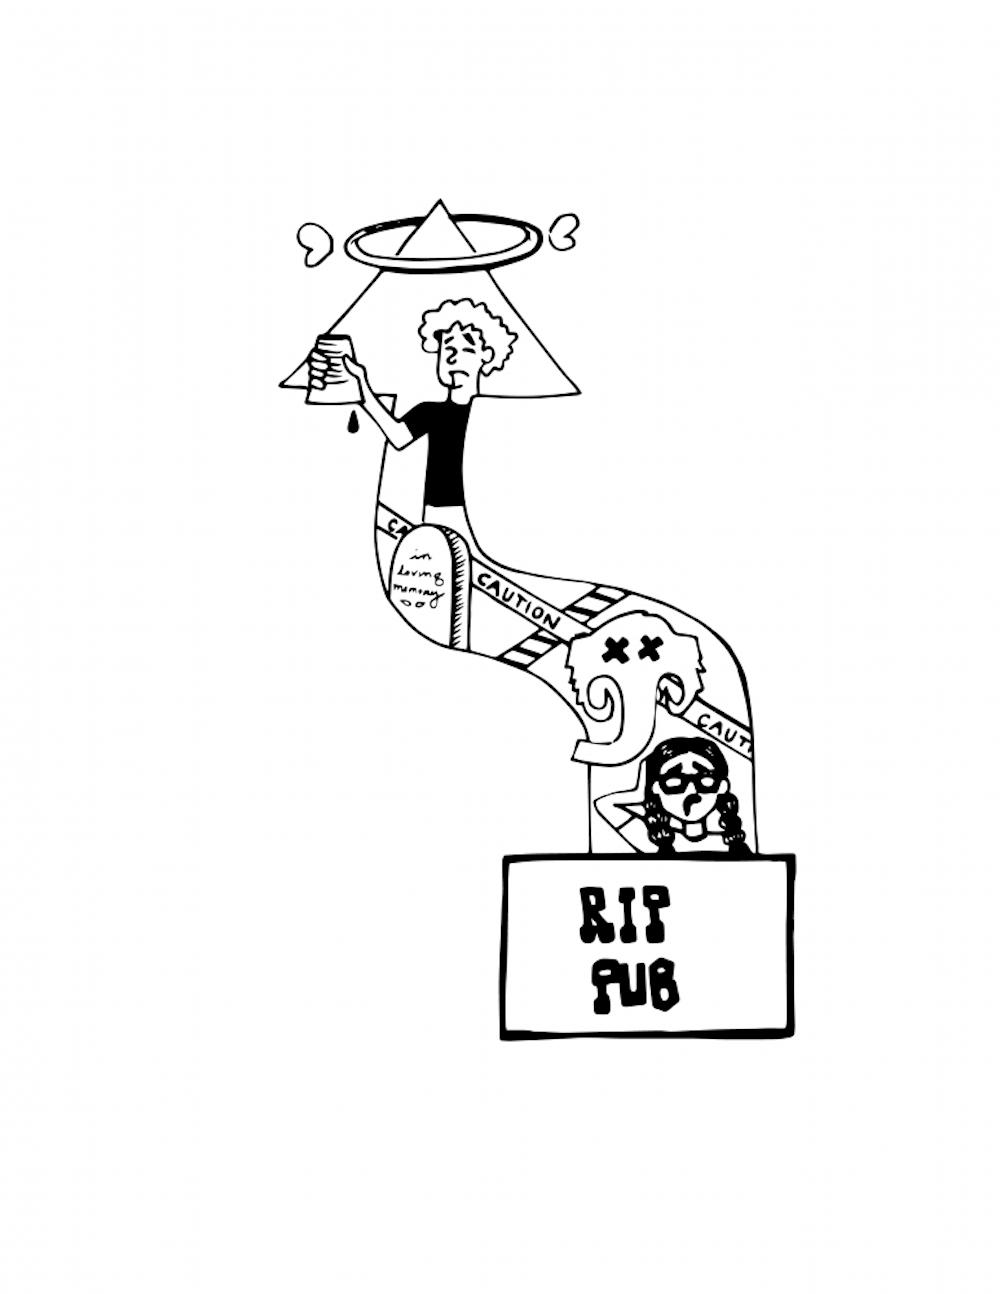 rip_pub